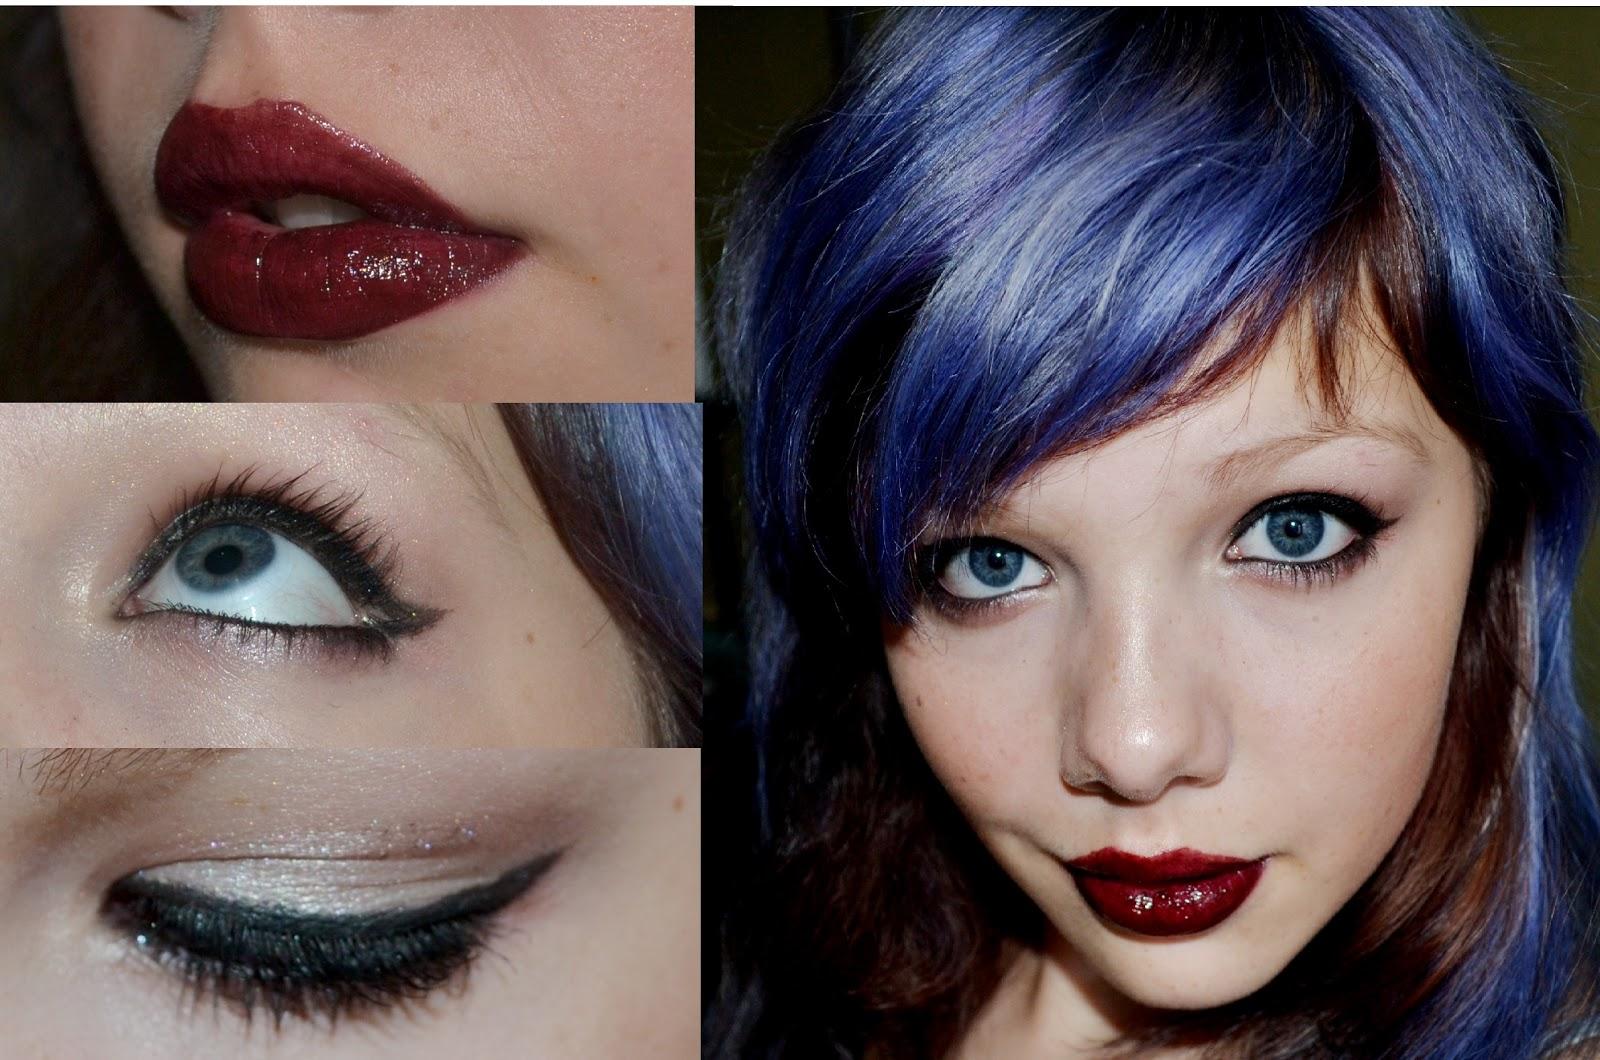 http://4.bp.blogspot.com/-GU_kOJga548/UHb1059LBvI/AAAAAAAAA8Q/mxra8Extqak/s1600/Gothic+Makeup.jpg